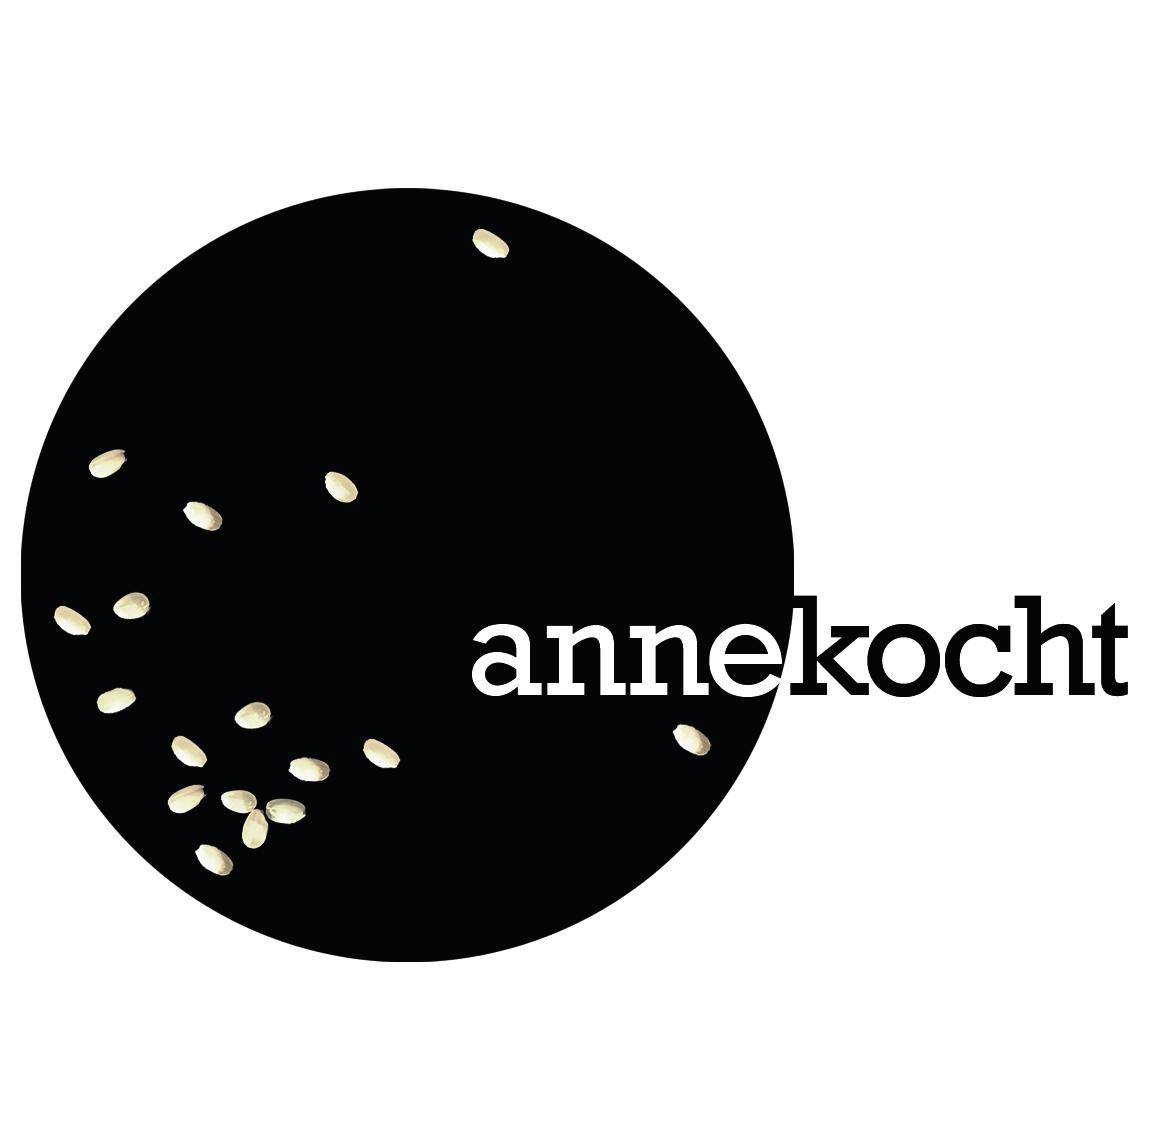 ANNE KOCHT